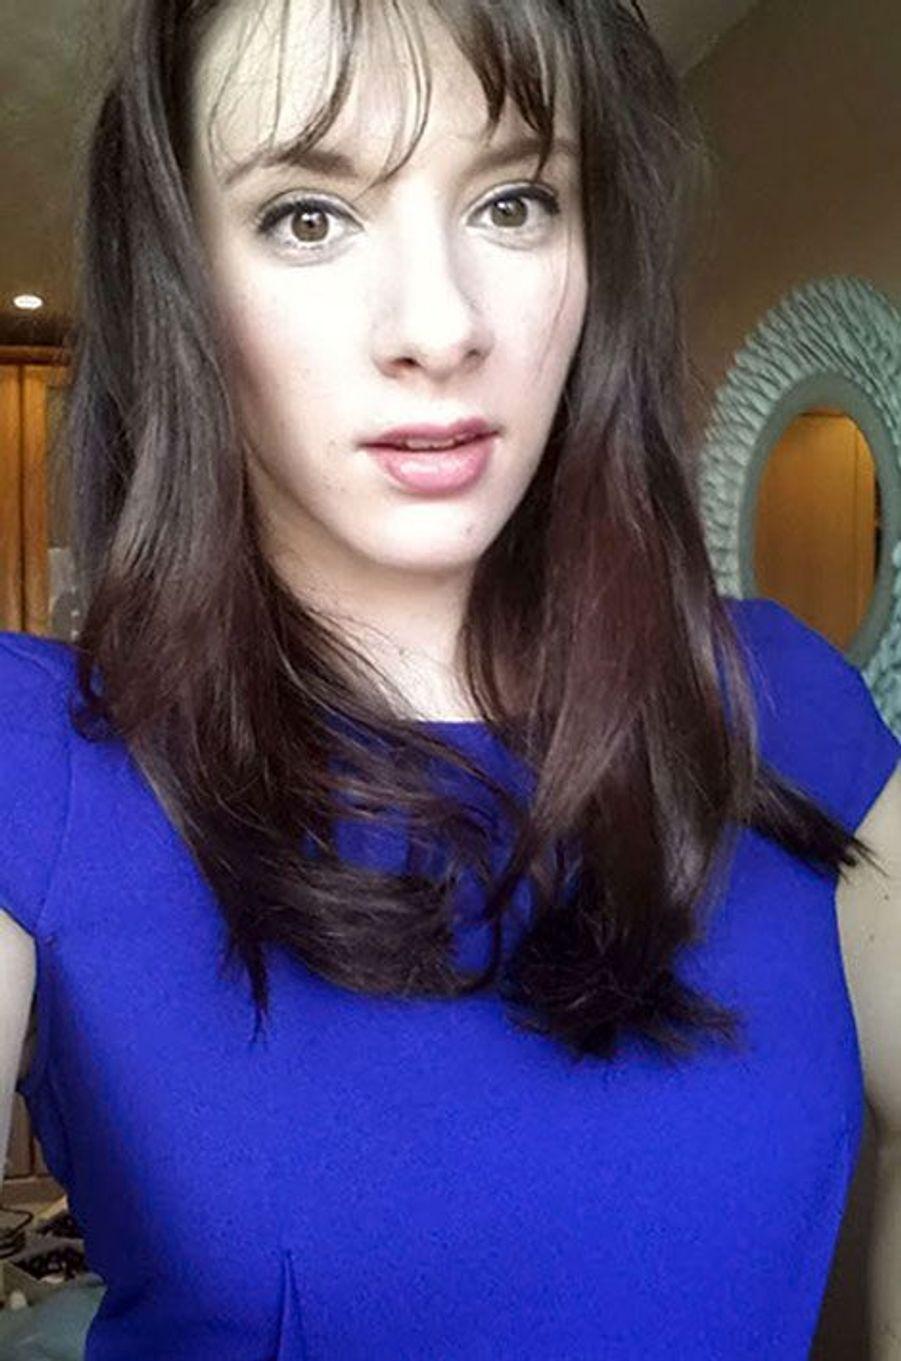 Originaire de Gainsborough, localité du Lincolnshire en Angleterre,Carly Lovett, 24 ans, était photographe et tenait un blog mode et beauté. Cette photo est d'ailleurs issue de son site. «J'aime beaucoup la beauté, j'aime essayer de nouvelles choses et expérimenter», écrivait-elle sur son blog, précisant qu'à ses yeux, «la beauté ne doit pas signifier conformité».La jeune femme a également étudié à l'Université de Lincoln, dont elle est sortie diplômée en 2013. L'établissement lui a rendu hommage à l'annonce de sa mort.Avec son petit ami, Liam, elle était arrivée en Tunisie mercredi pour un séjour de deux semaines, rapporte «Mirror».Le couple s'était fiancé à Noël dernier, après près de dix ans passés ensemble.